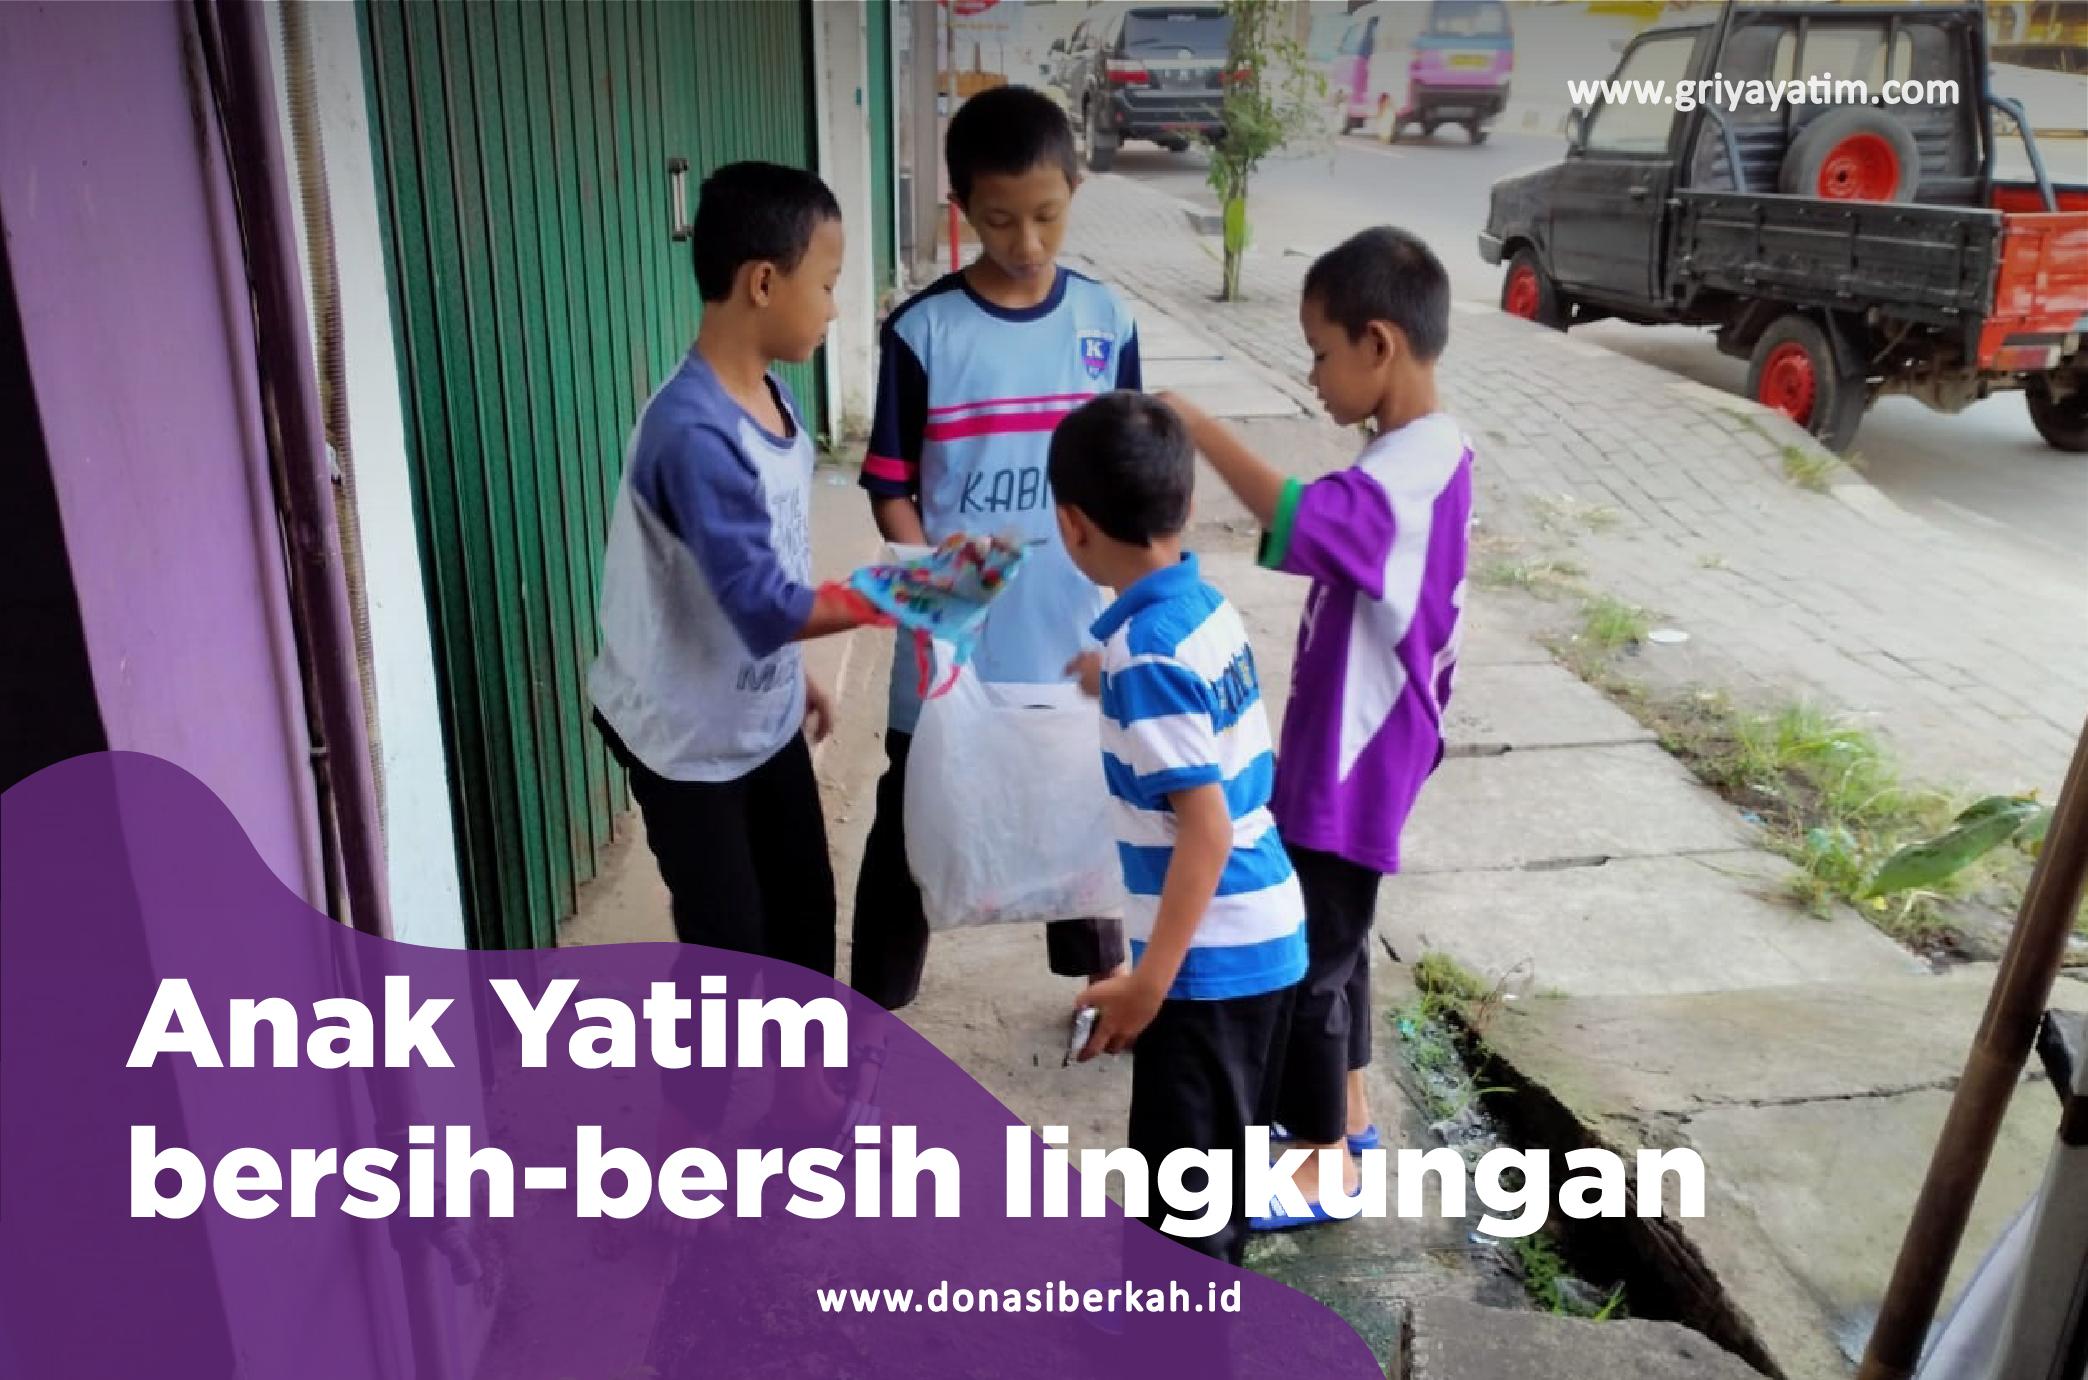 Gambar Anak Yatim Membersihkan Lingkungan